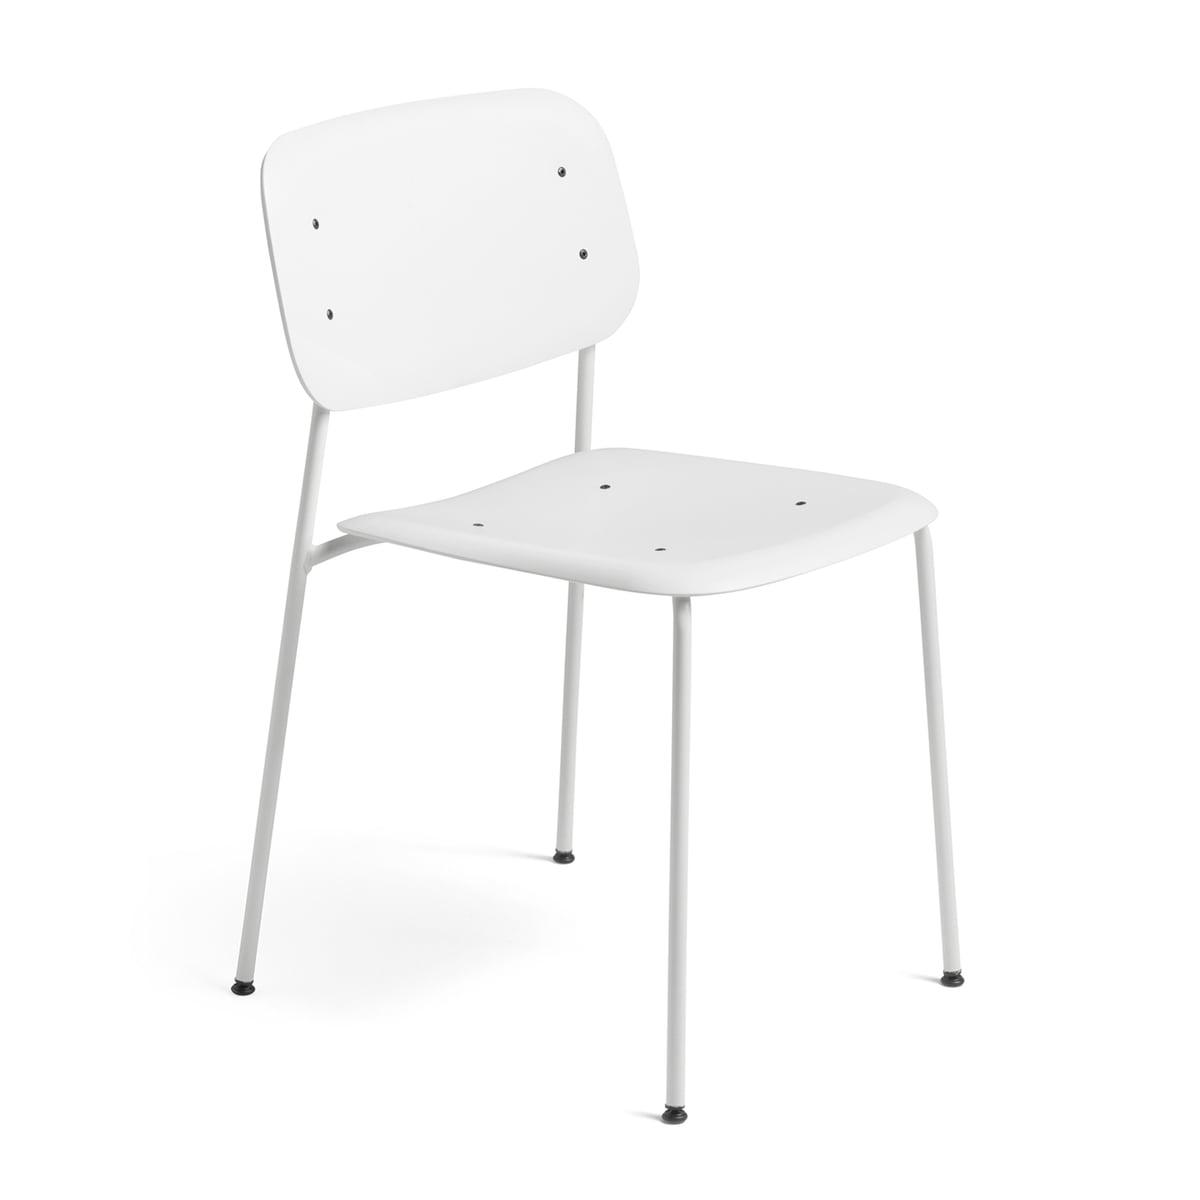 Hay   Soft Edge Chair P10 Chair, White / White